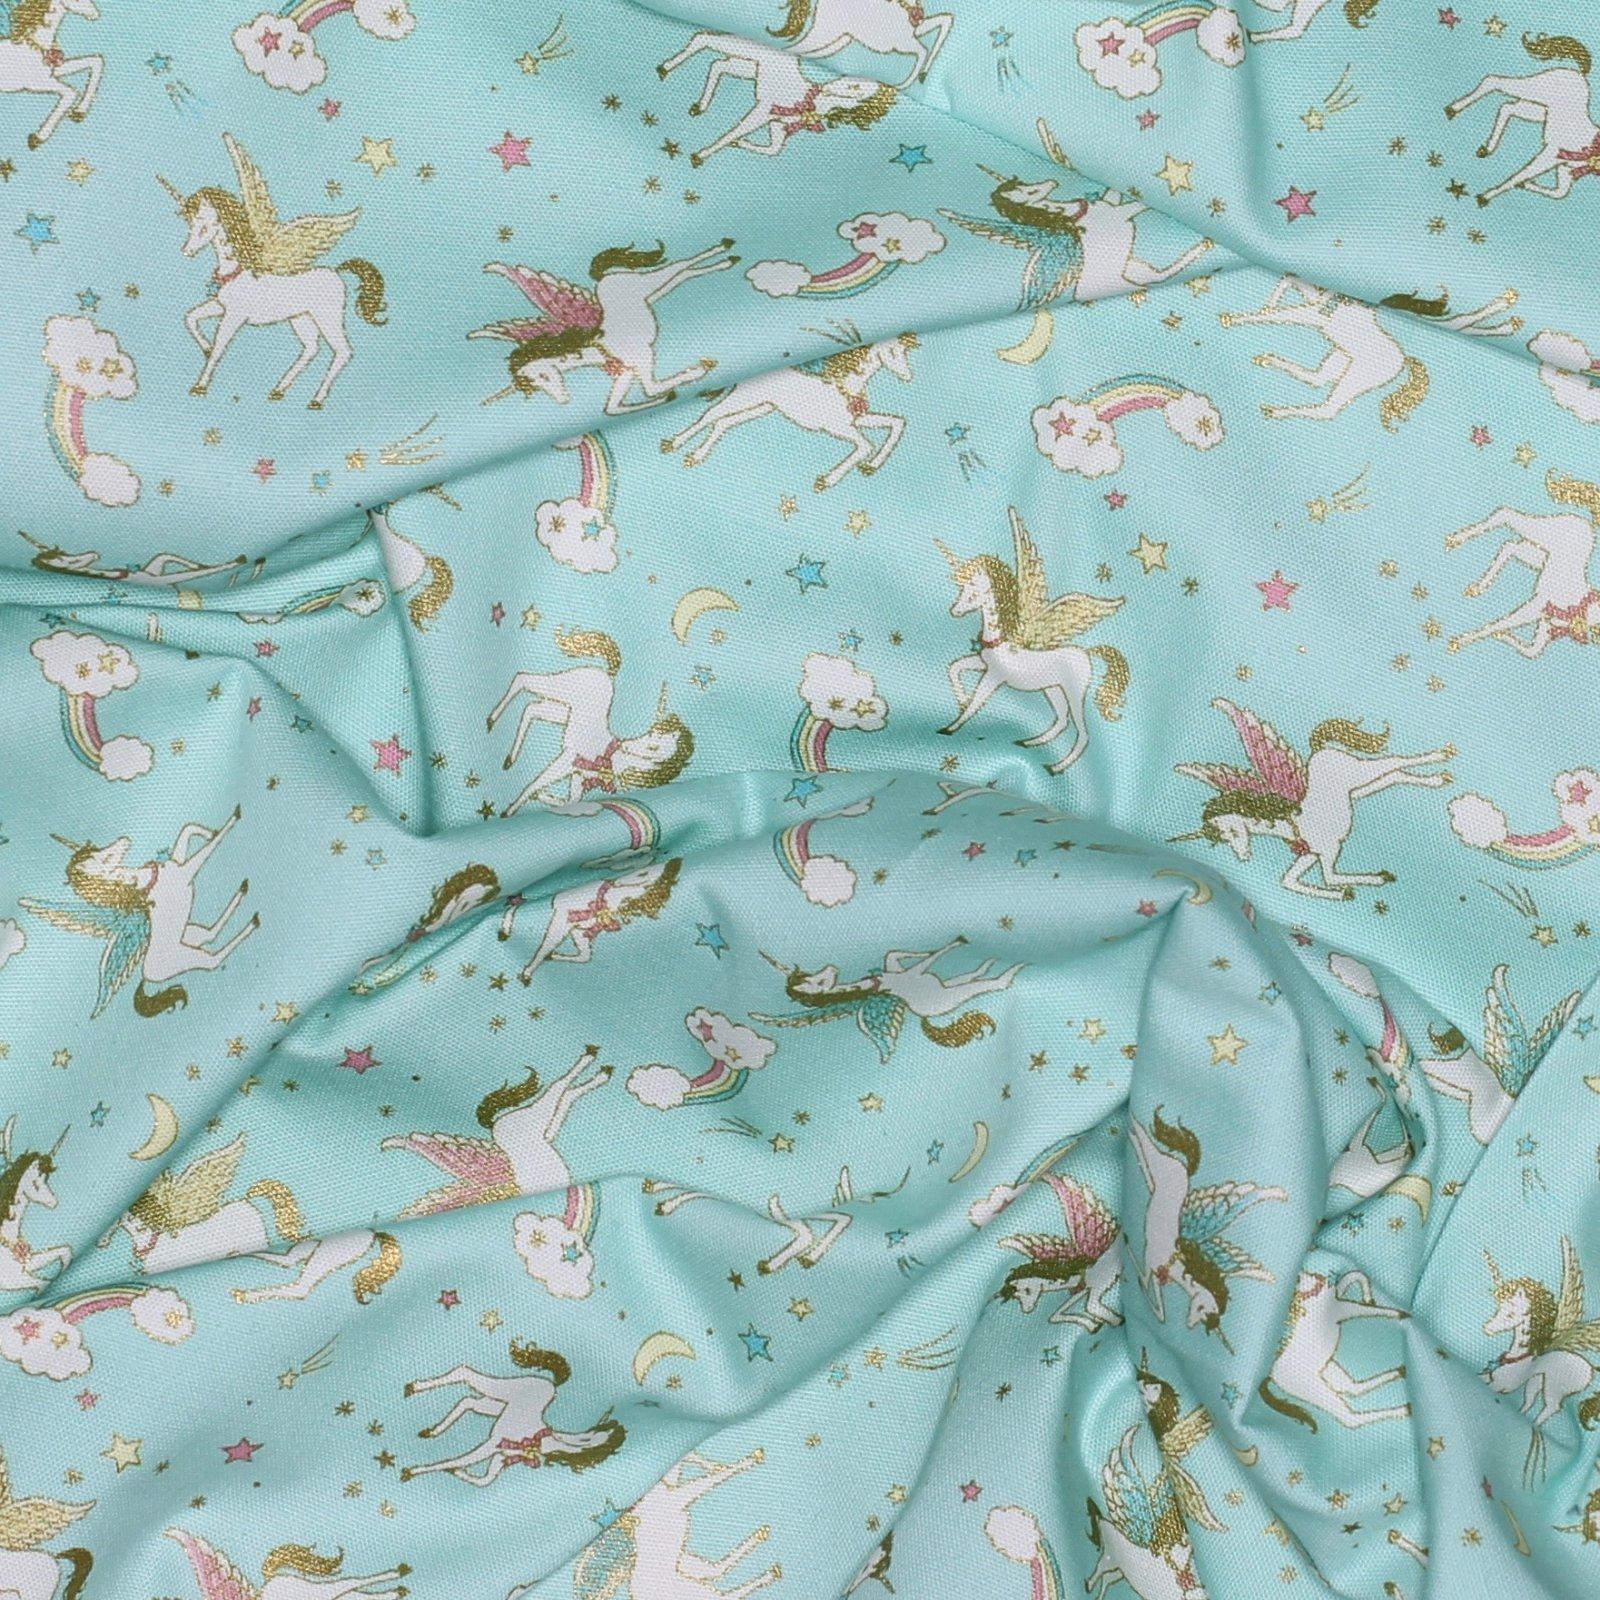 Kokka - Glitter Animal - Japanese Unicorn Cotton Oxford